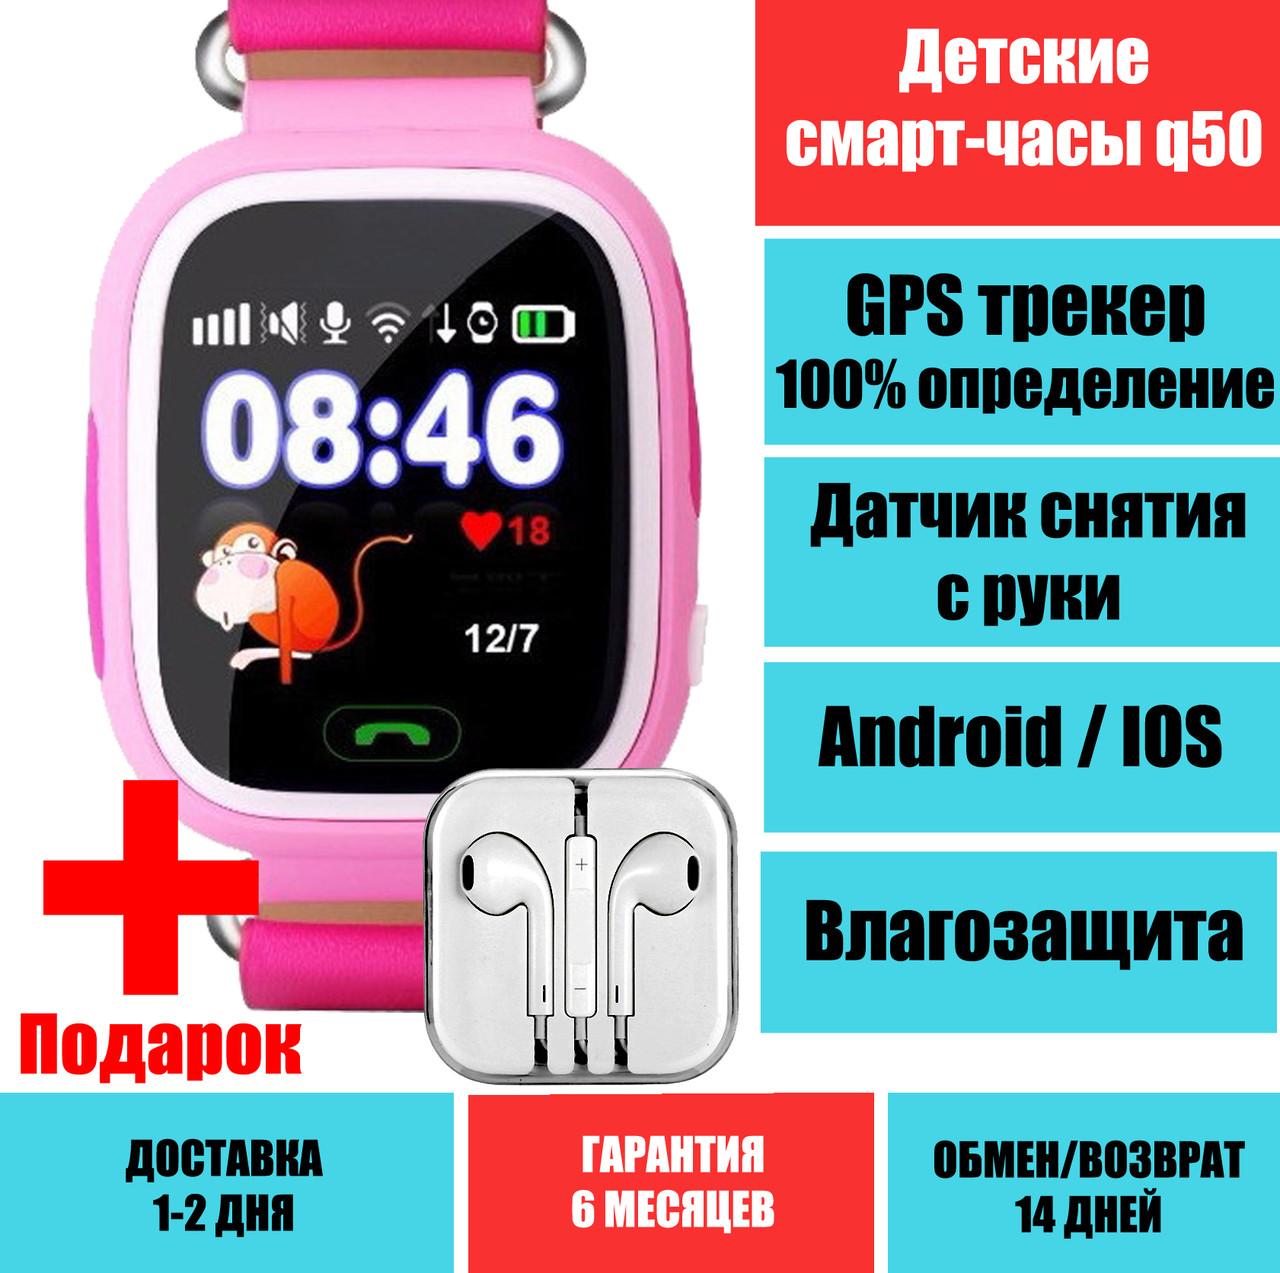 Детские GPS часы телефон Q90 сенсорный цветной дисплей, датчик снятия с руки, кнопка SOS, влагозащита